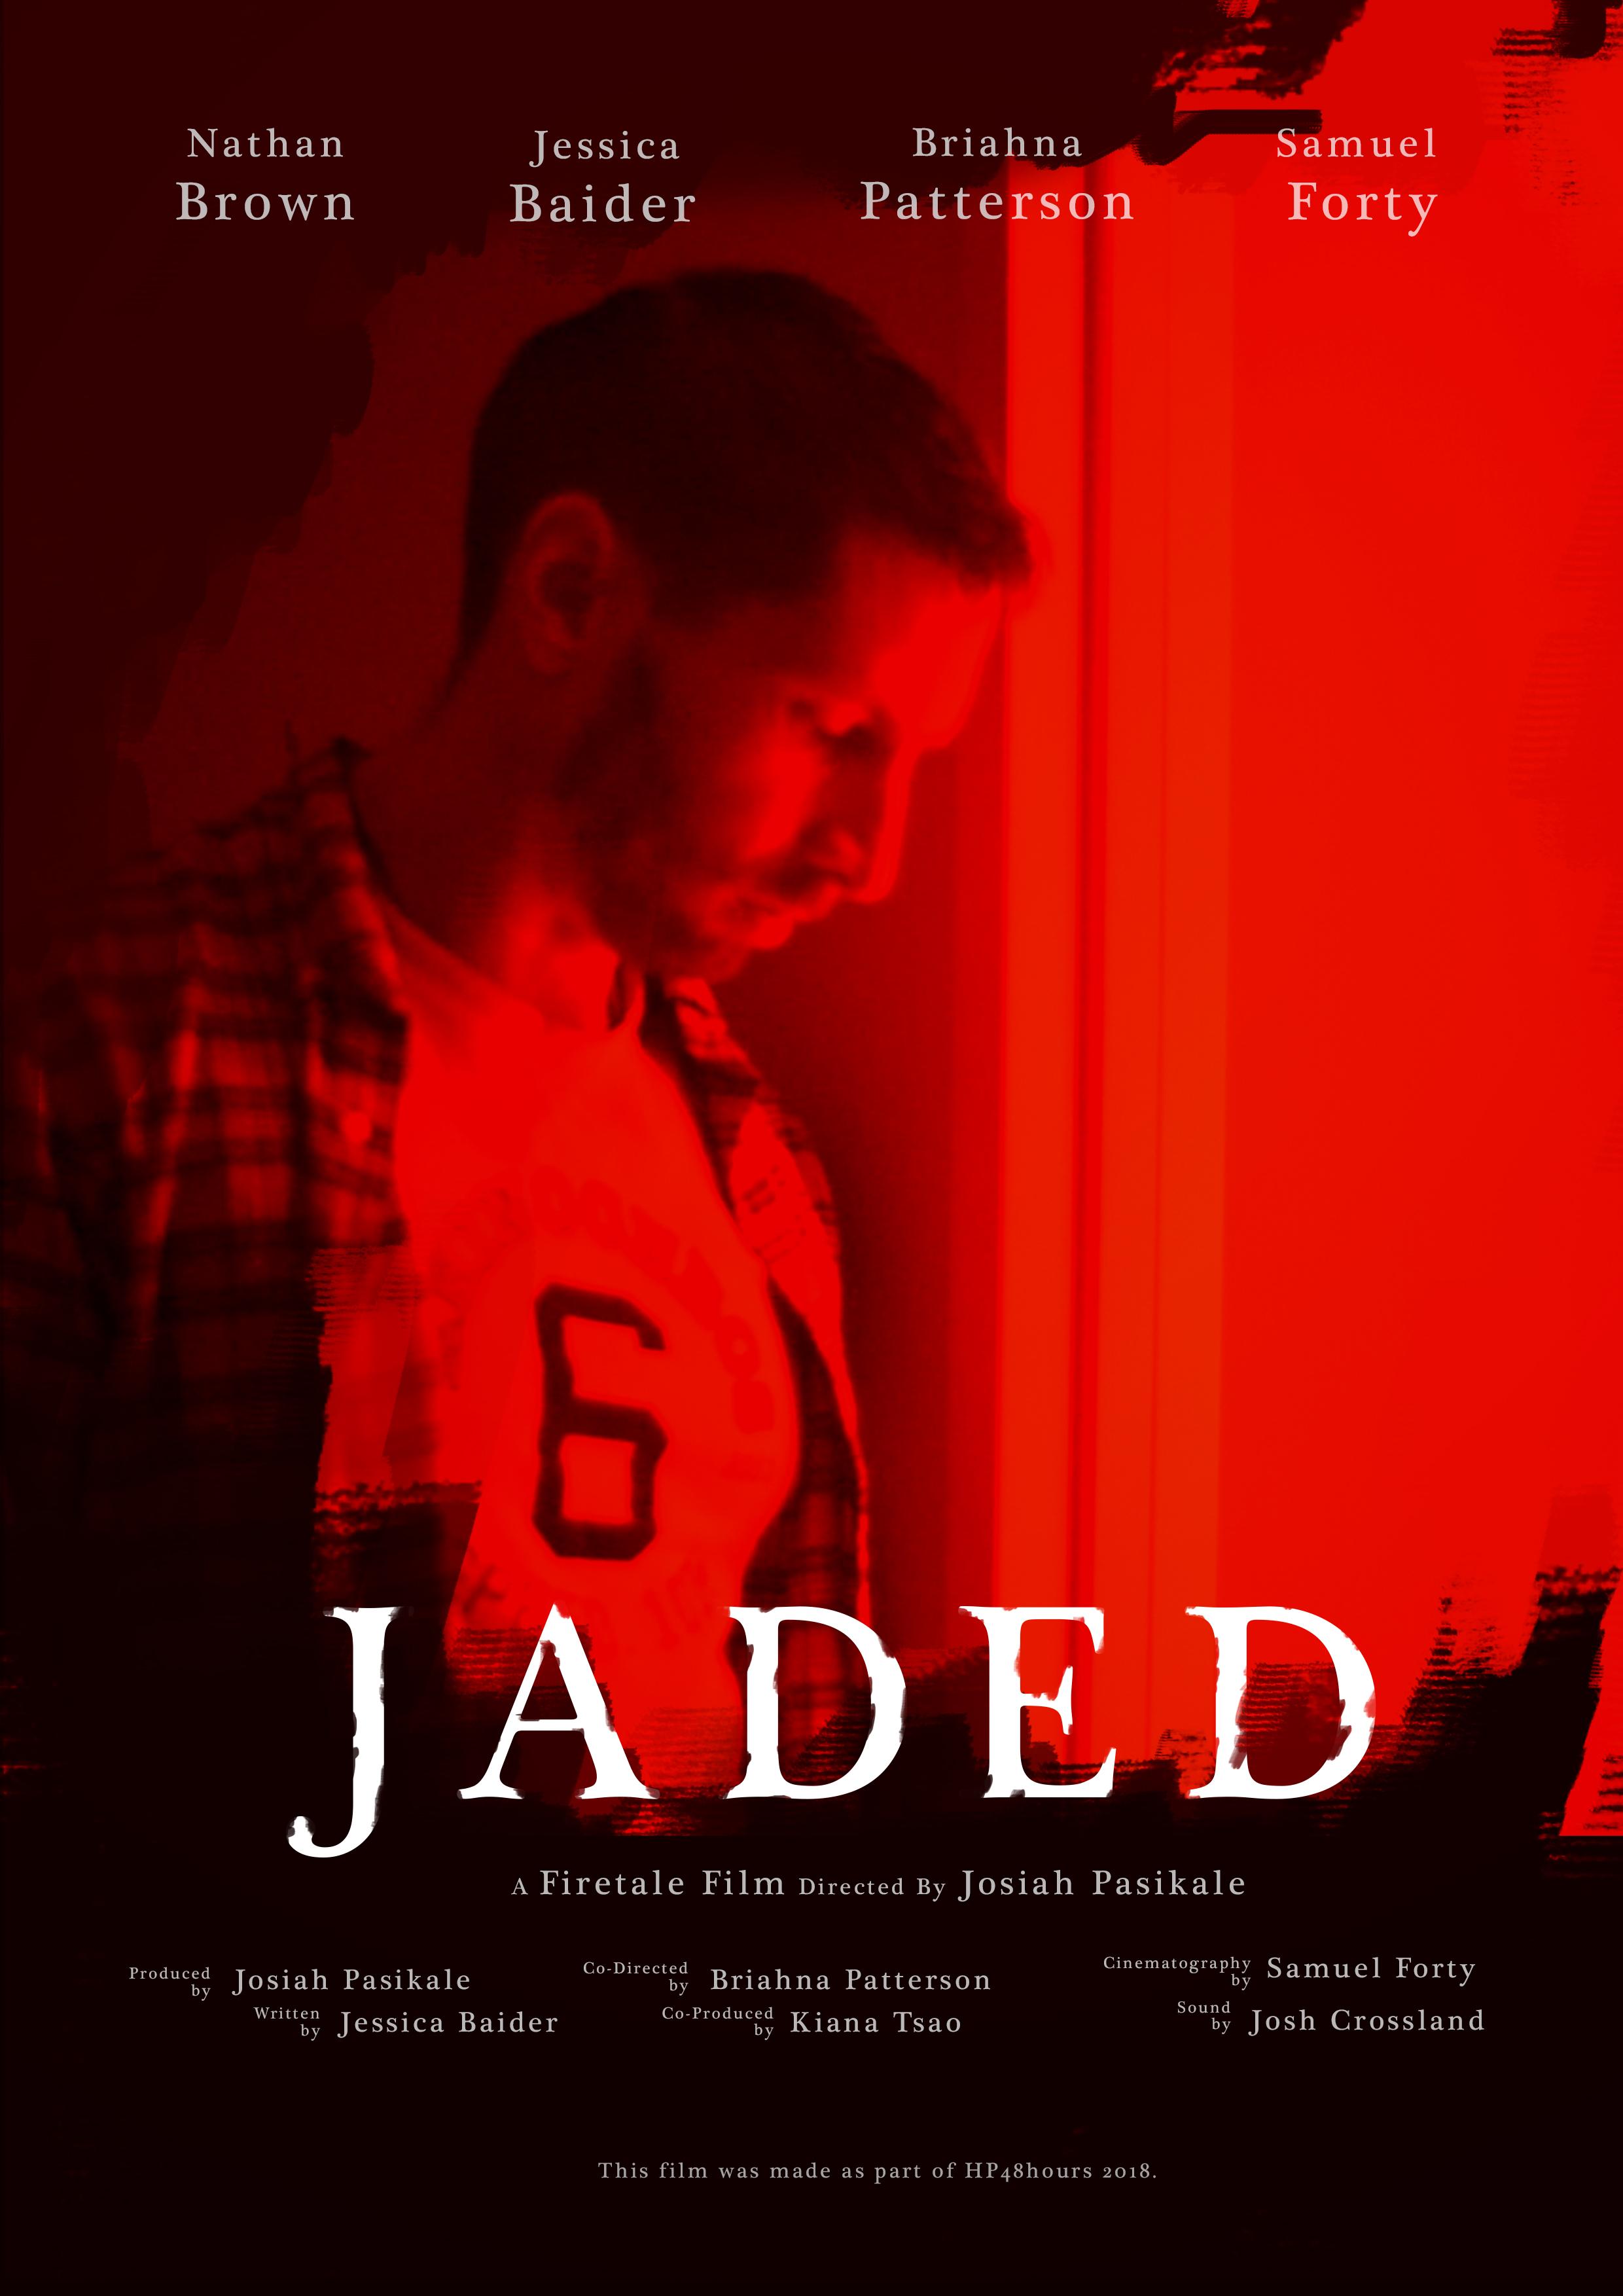 Jaded_The Movie Poster.jpg